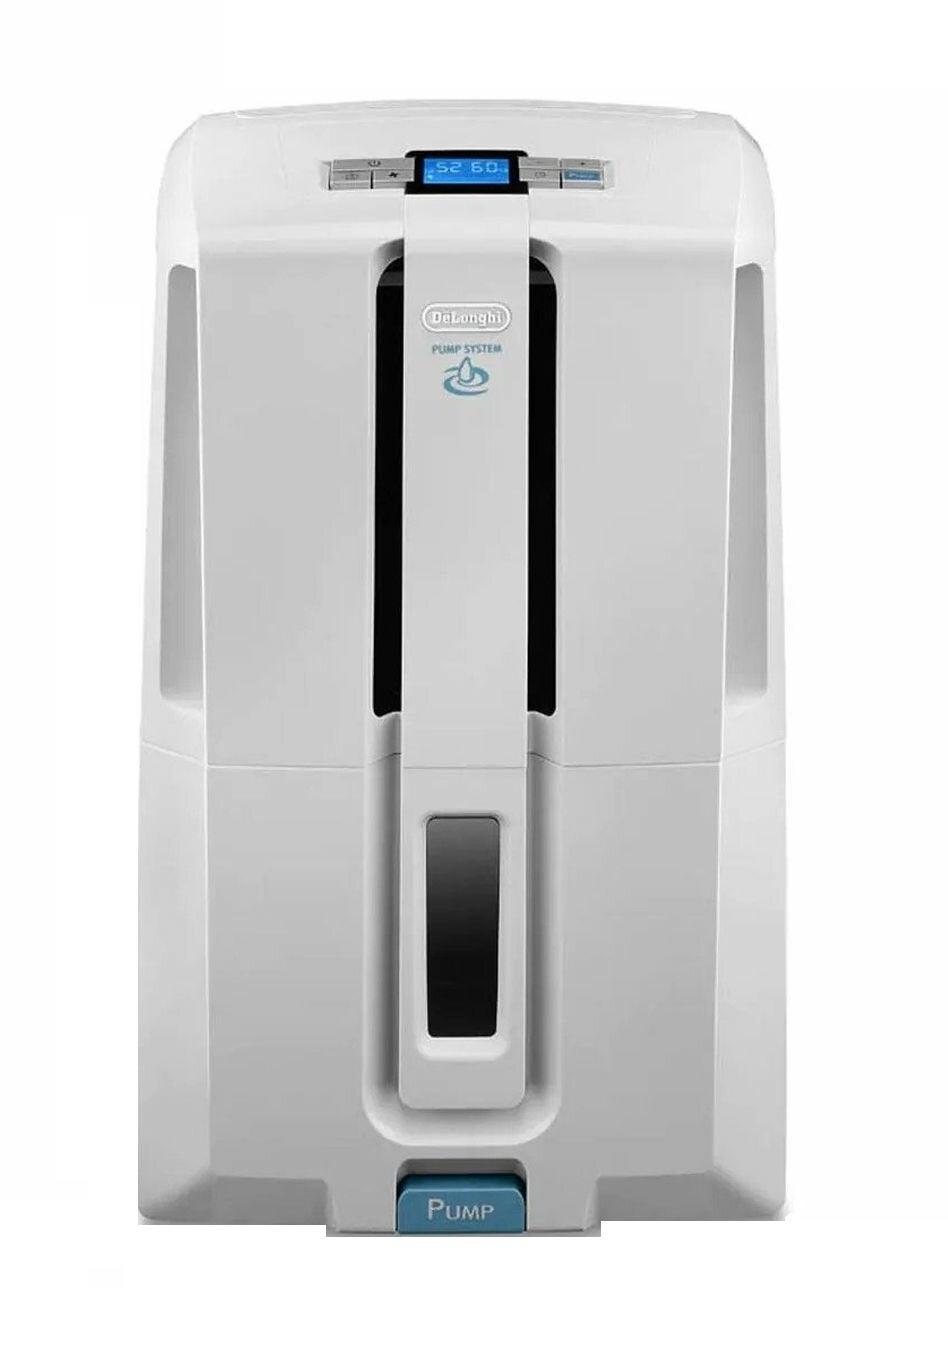 DeLonghi DD230P Pump System Dehumidifier